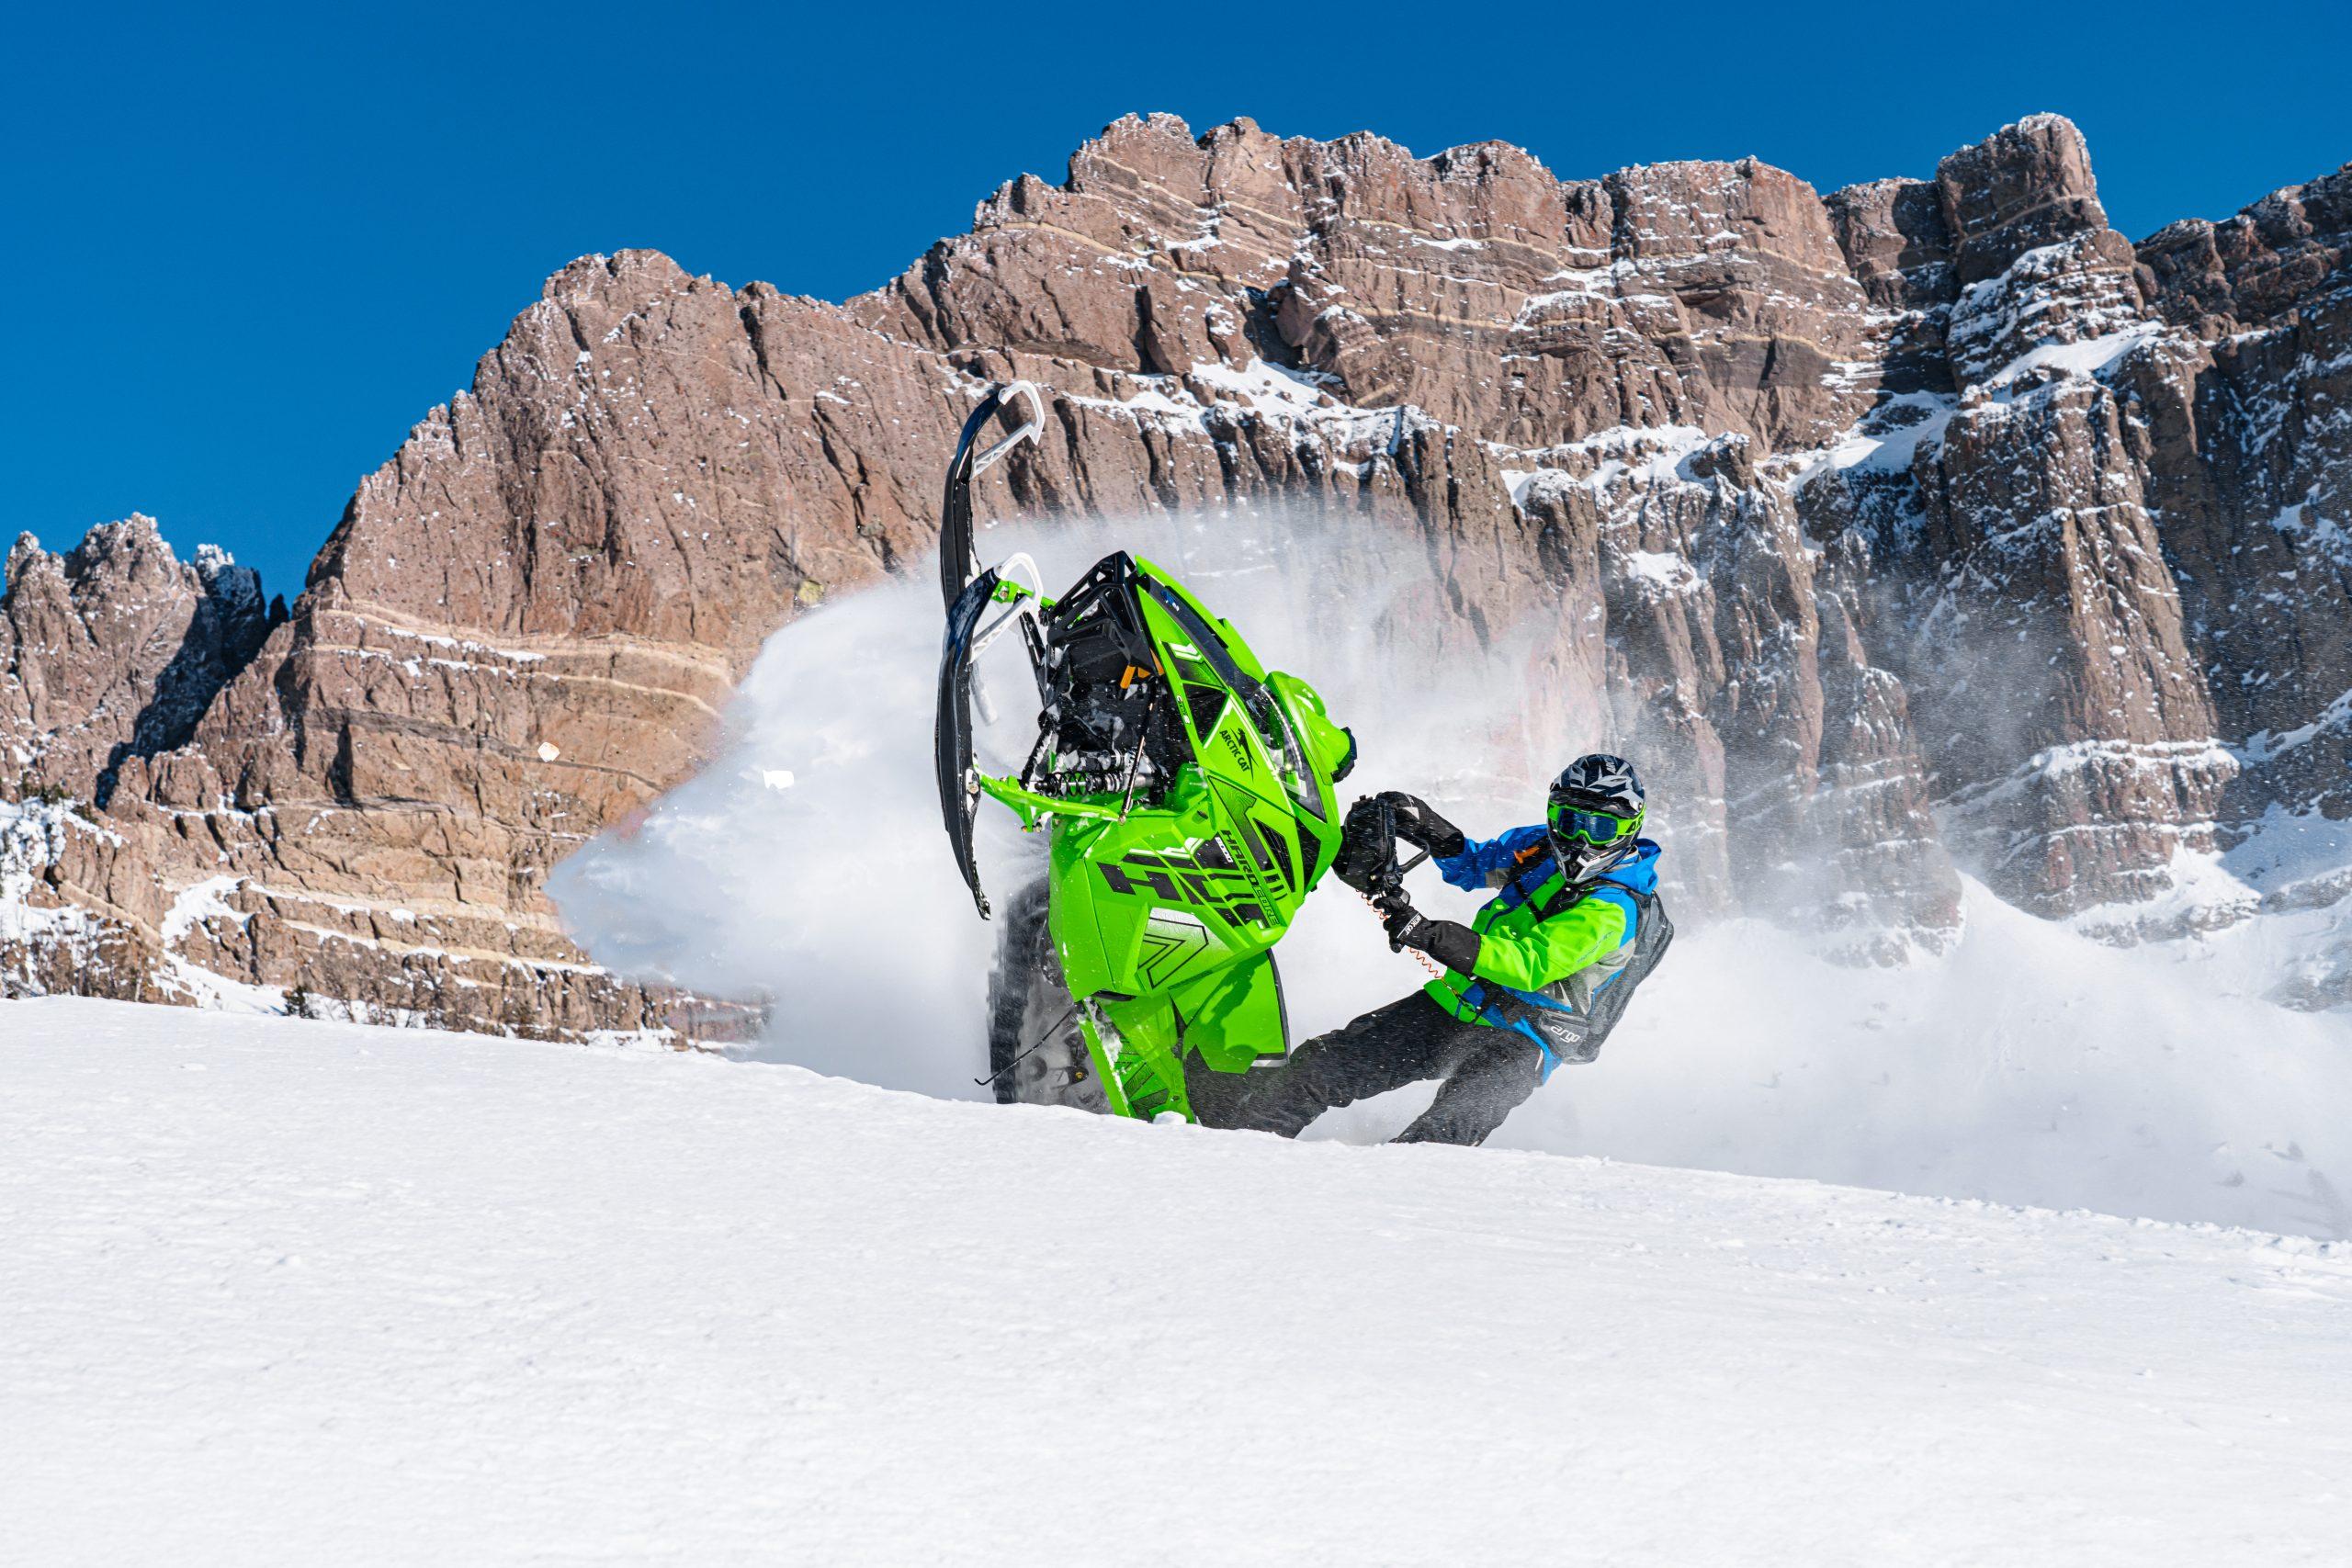 Motoneiges Arctic Cat 2022 Snowmagasson - Snowcheck - motos illimitees Terrebonne